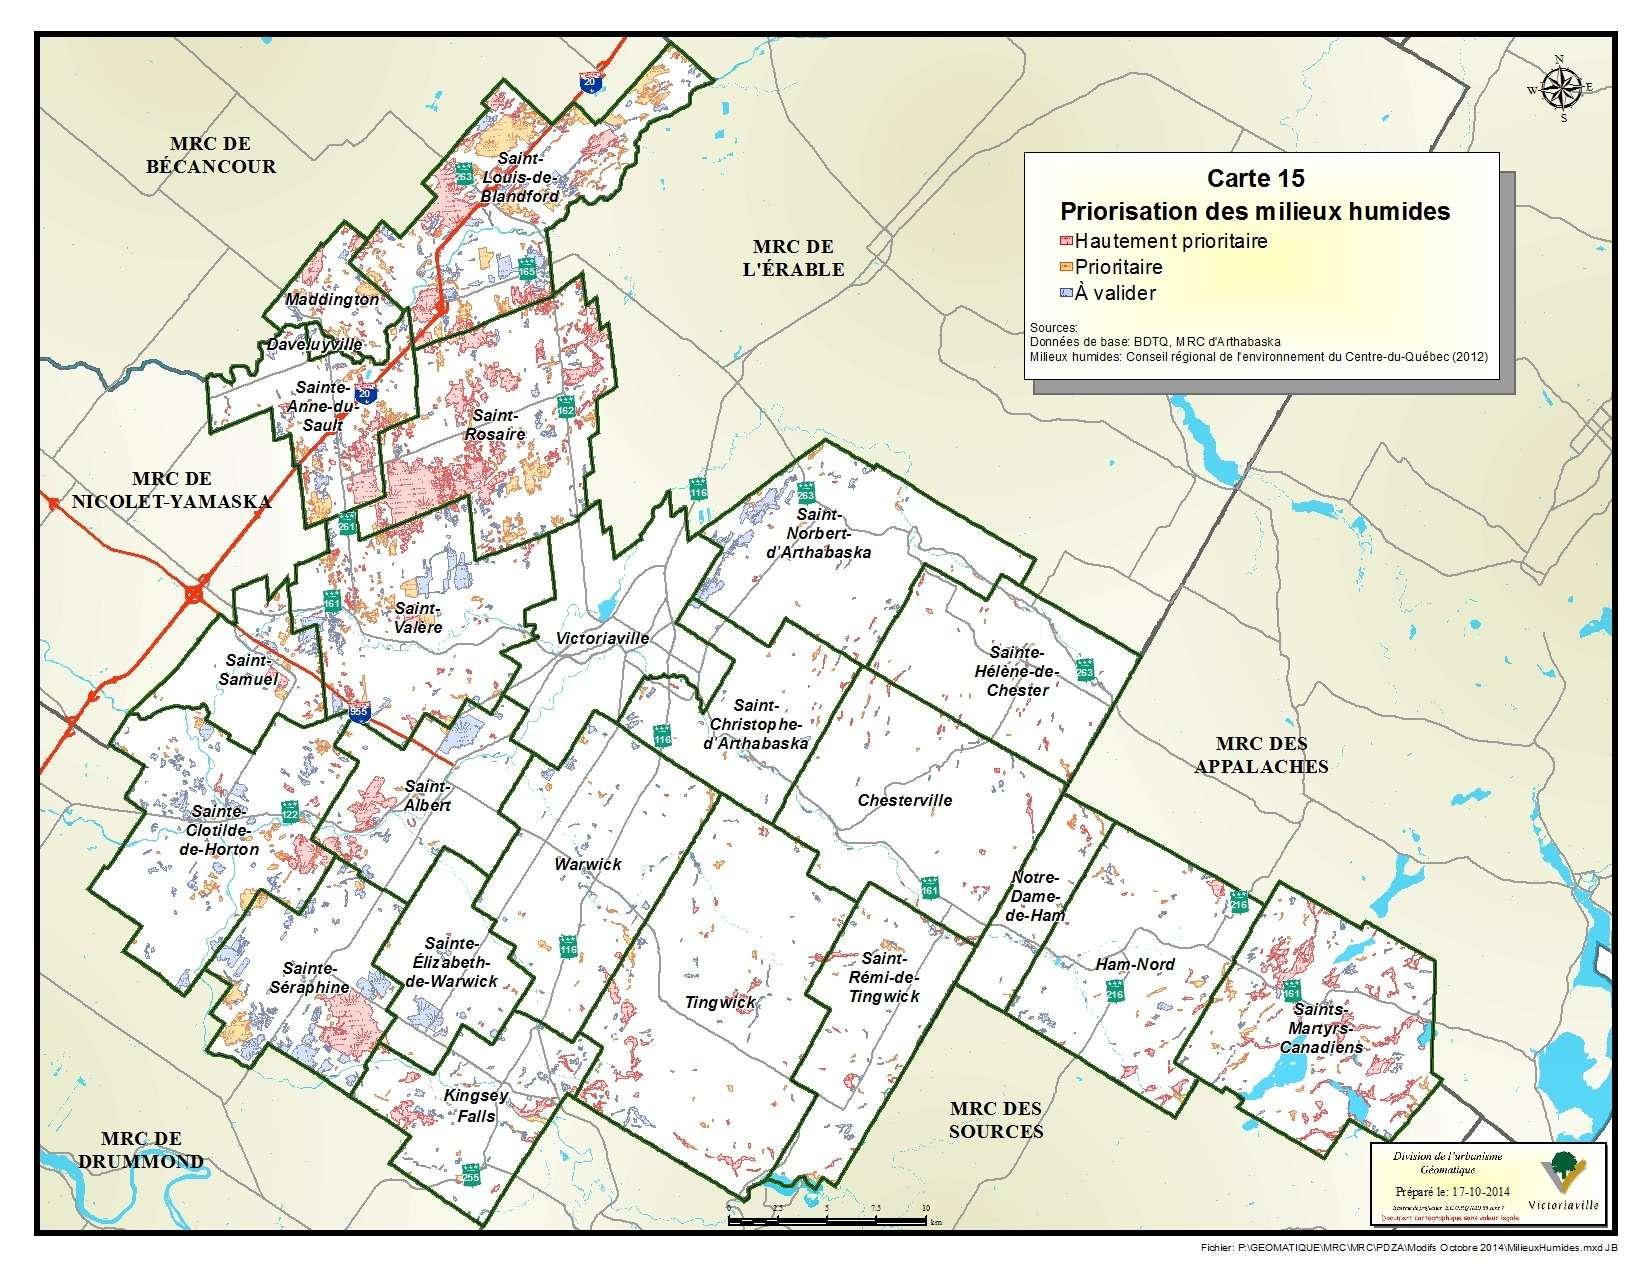 Carte 15 de 23 - Priorisation des milieux humides